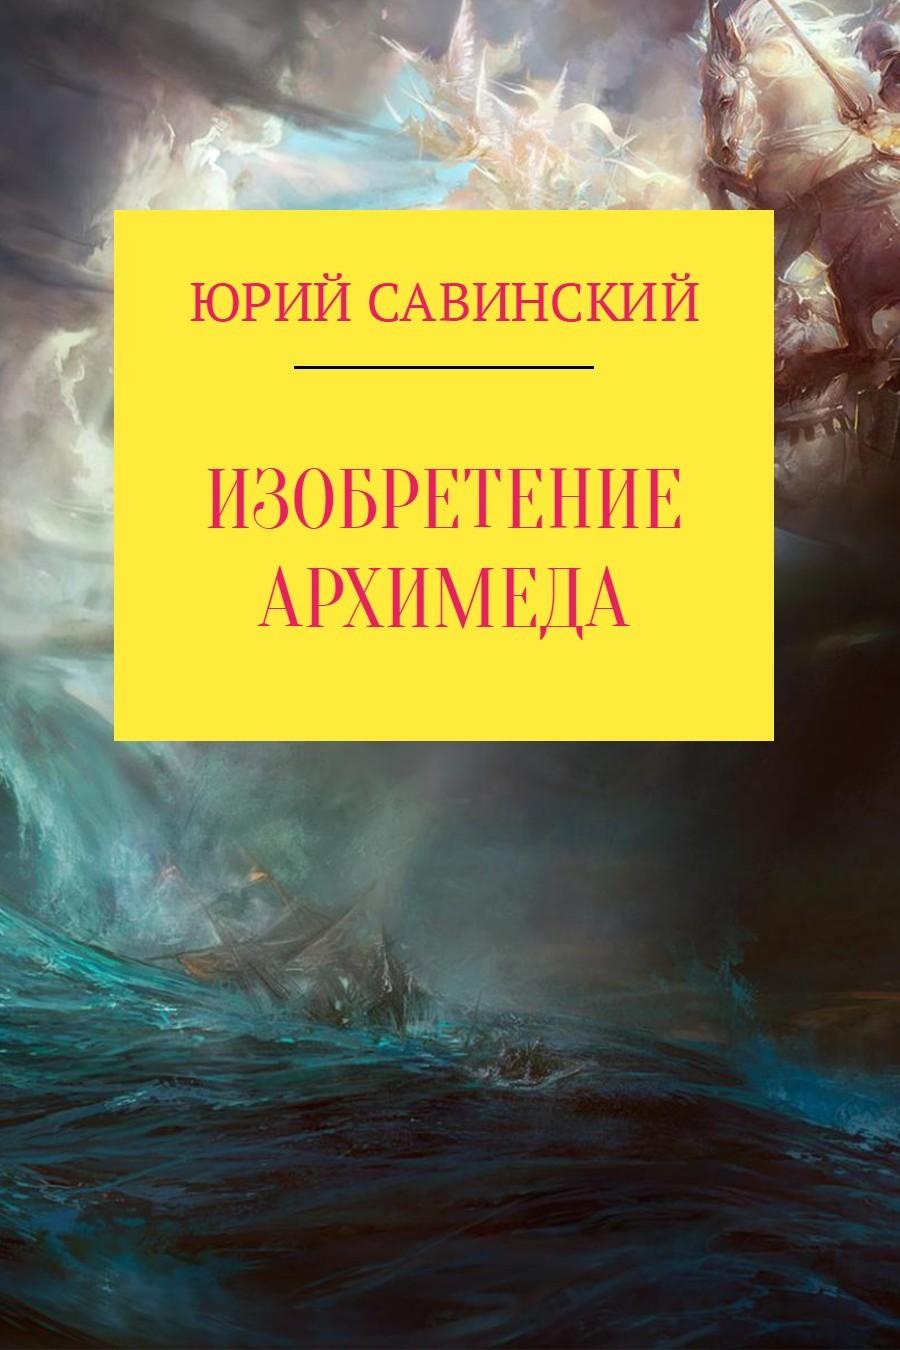 Изобретение Архимеда